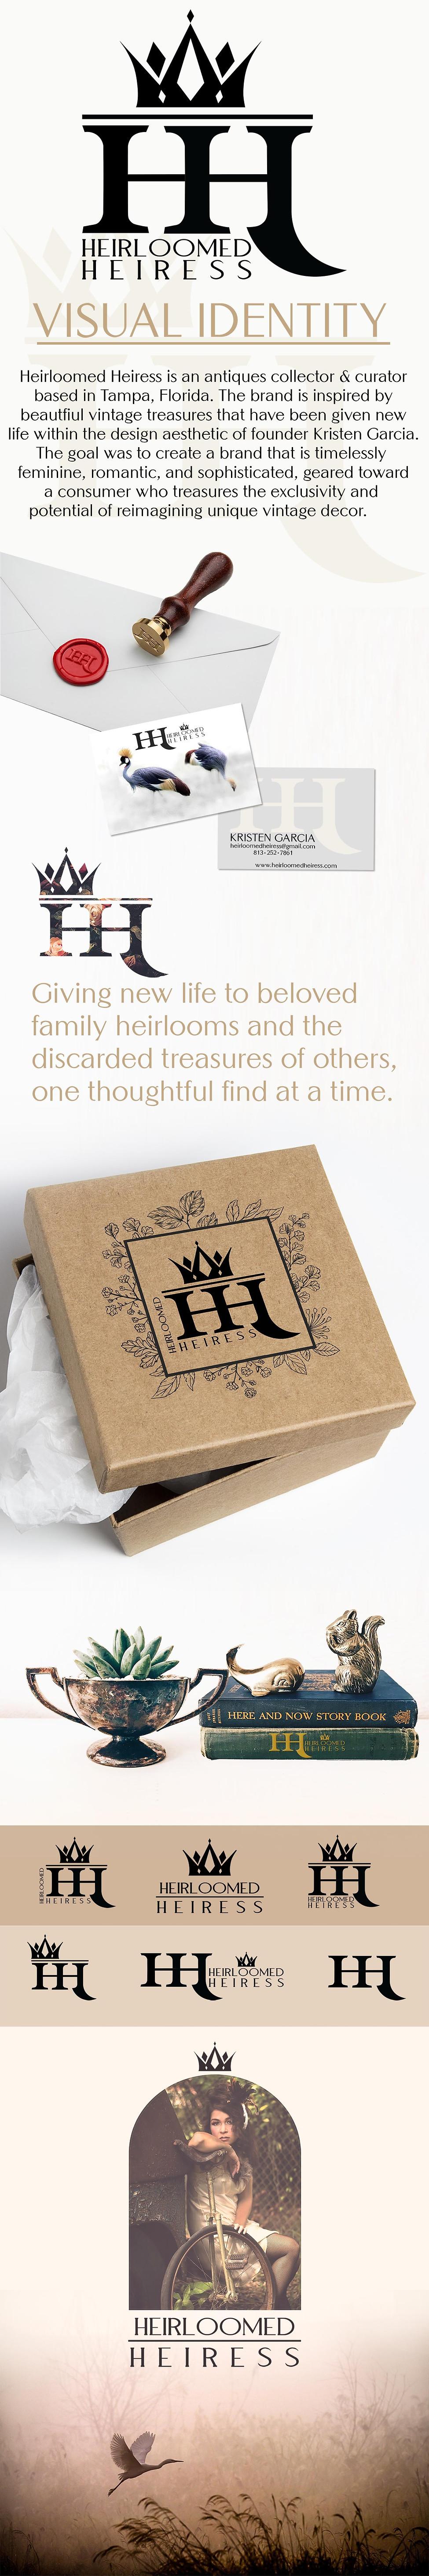 HH Branding.jpg